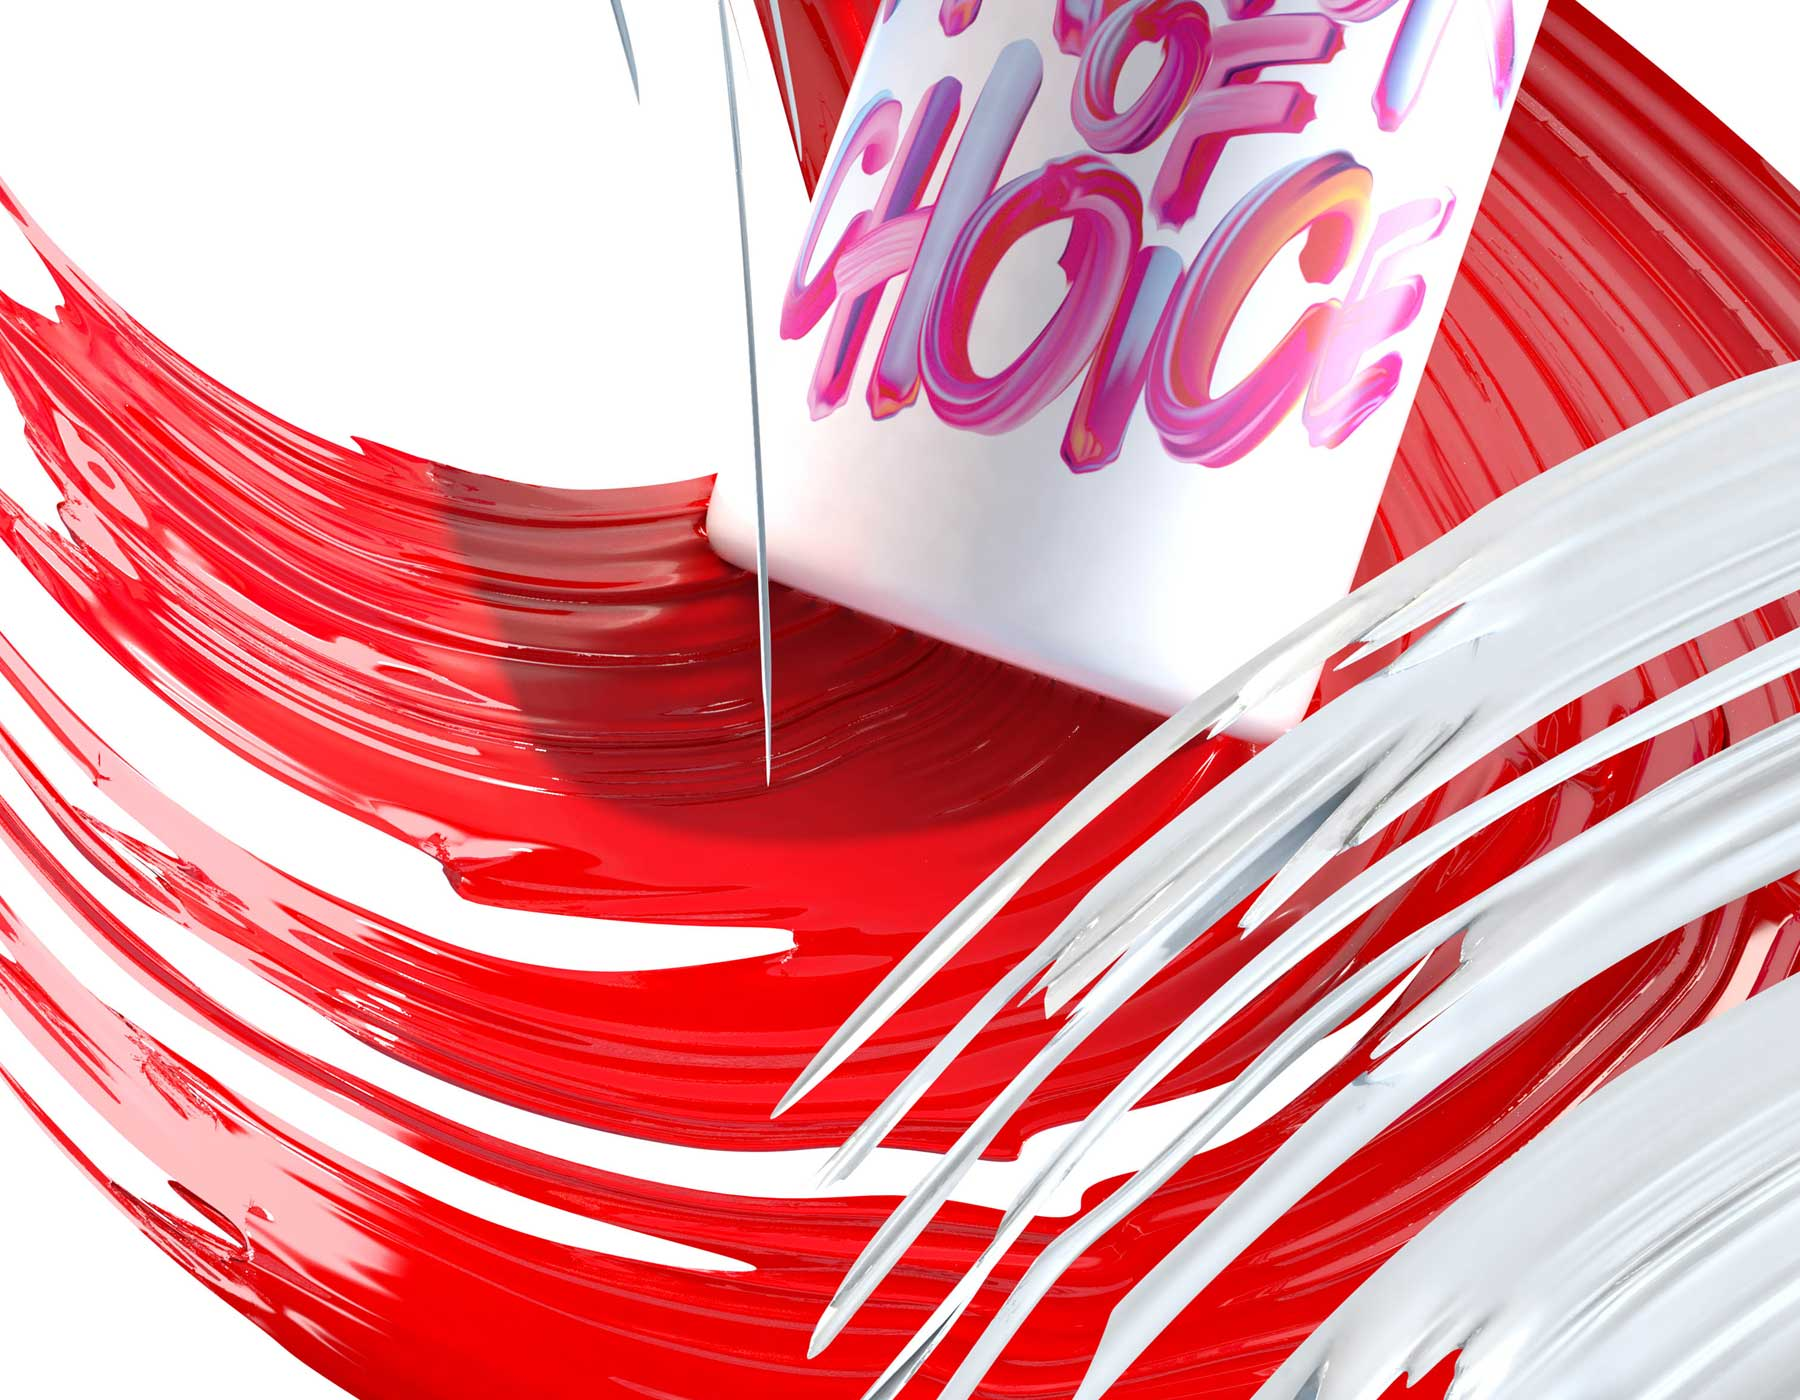 sk-ii, Ngon, Manchester Agency, 3d artist